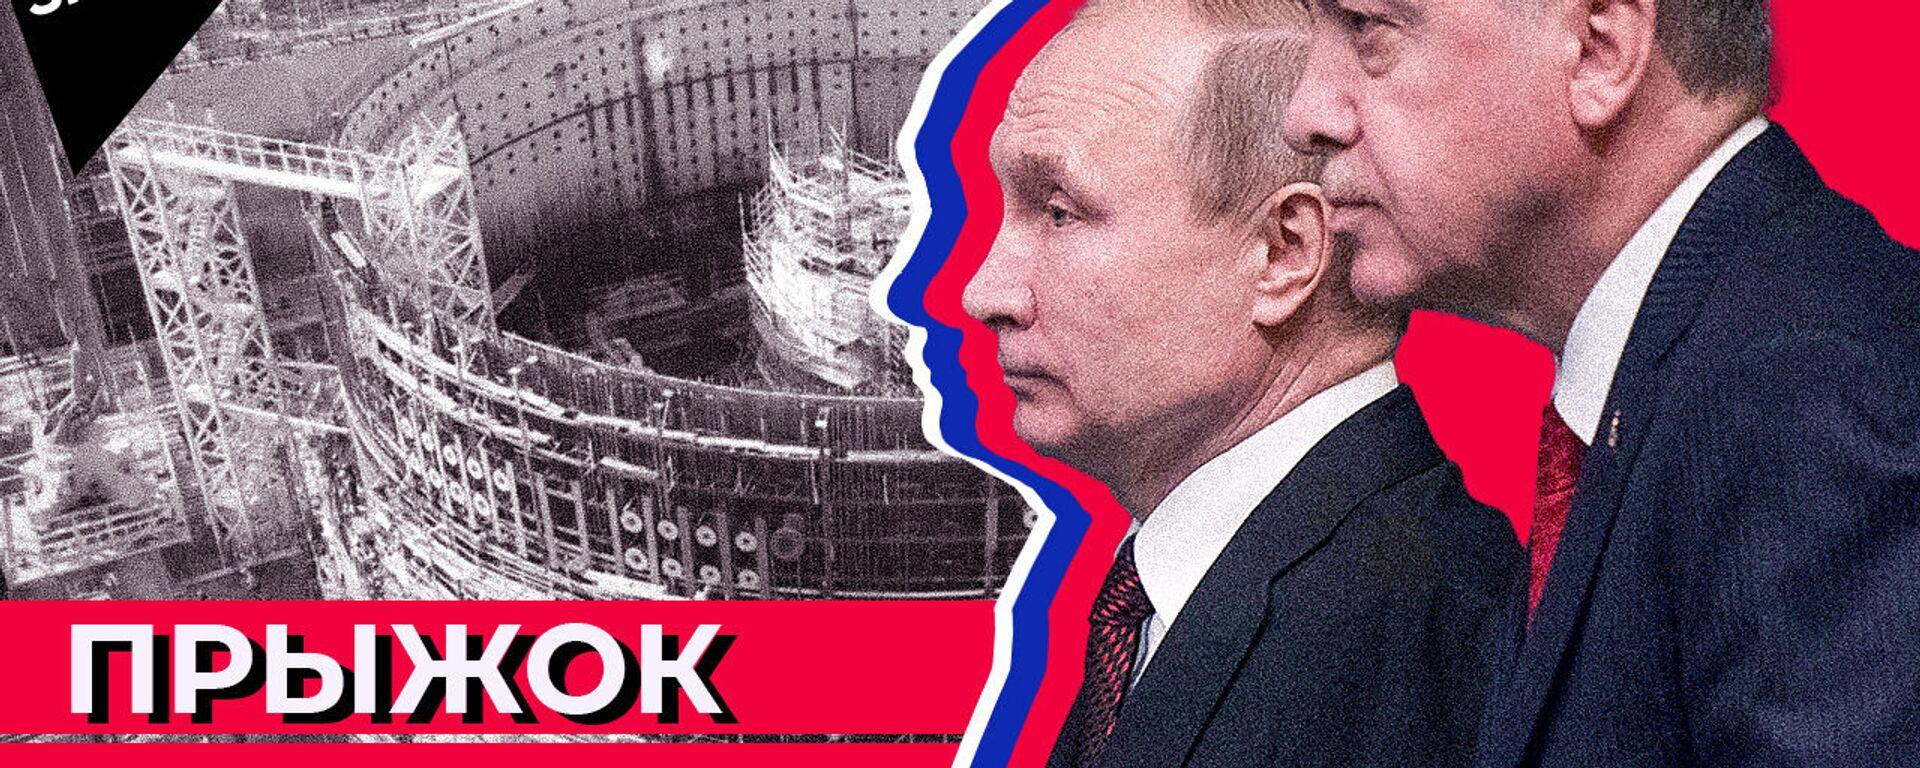 Как Россия строит первую турецкую атомную электростанцию - видео - Sputnik Грузия, 1920, 13.03.2021